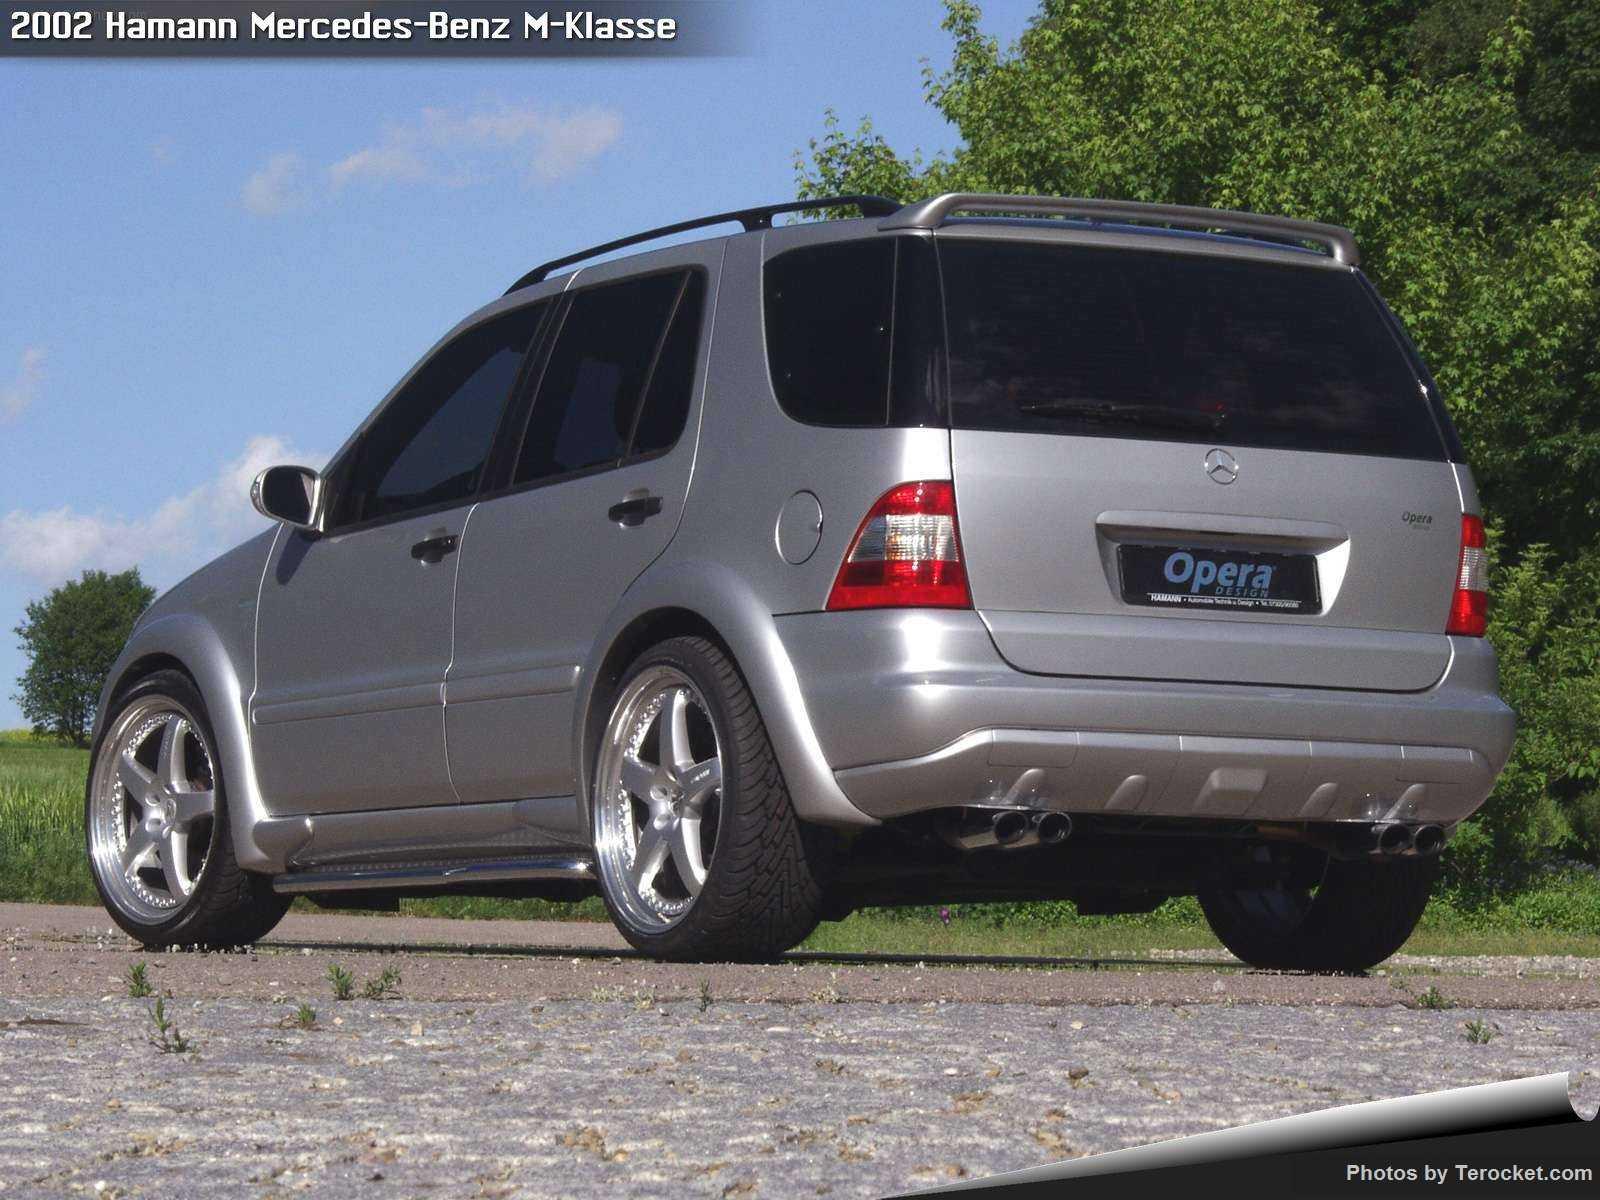 Hình ảnh xe ô tô Hamann Mercedes-Benz M-Klasse 2002 & nội ngoại thất